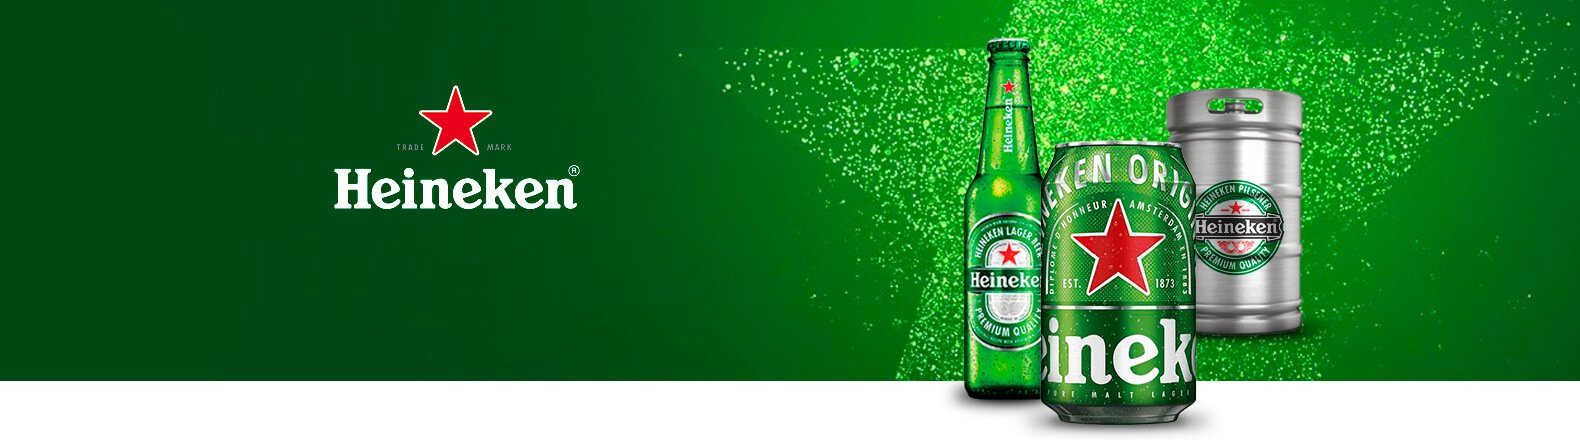 Home - Banner - Heineken